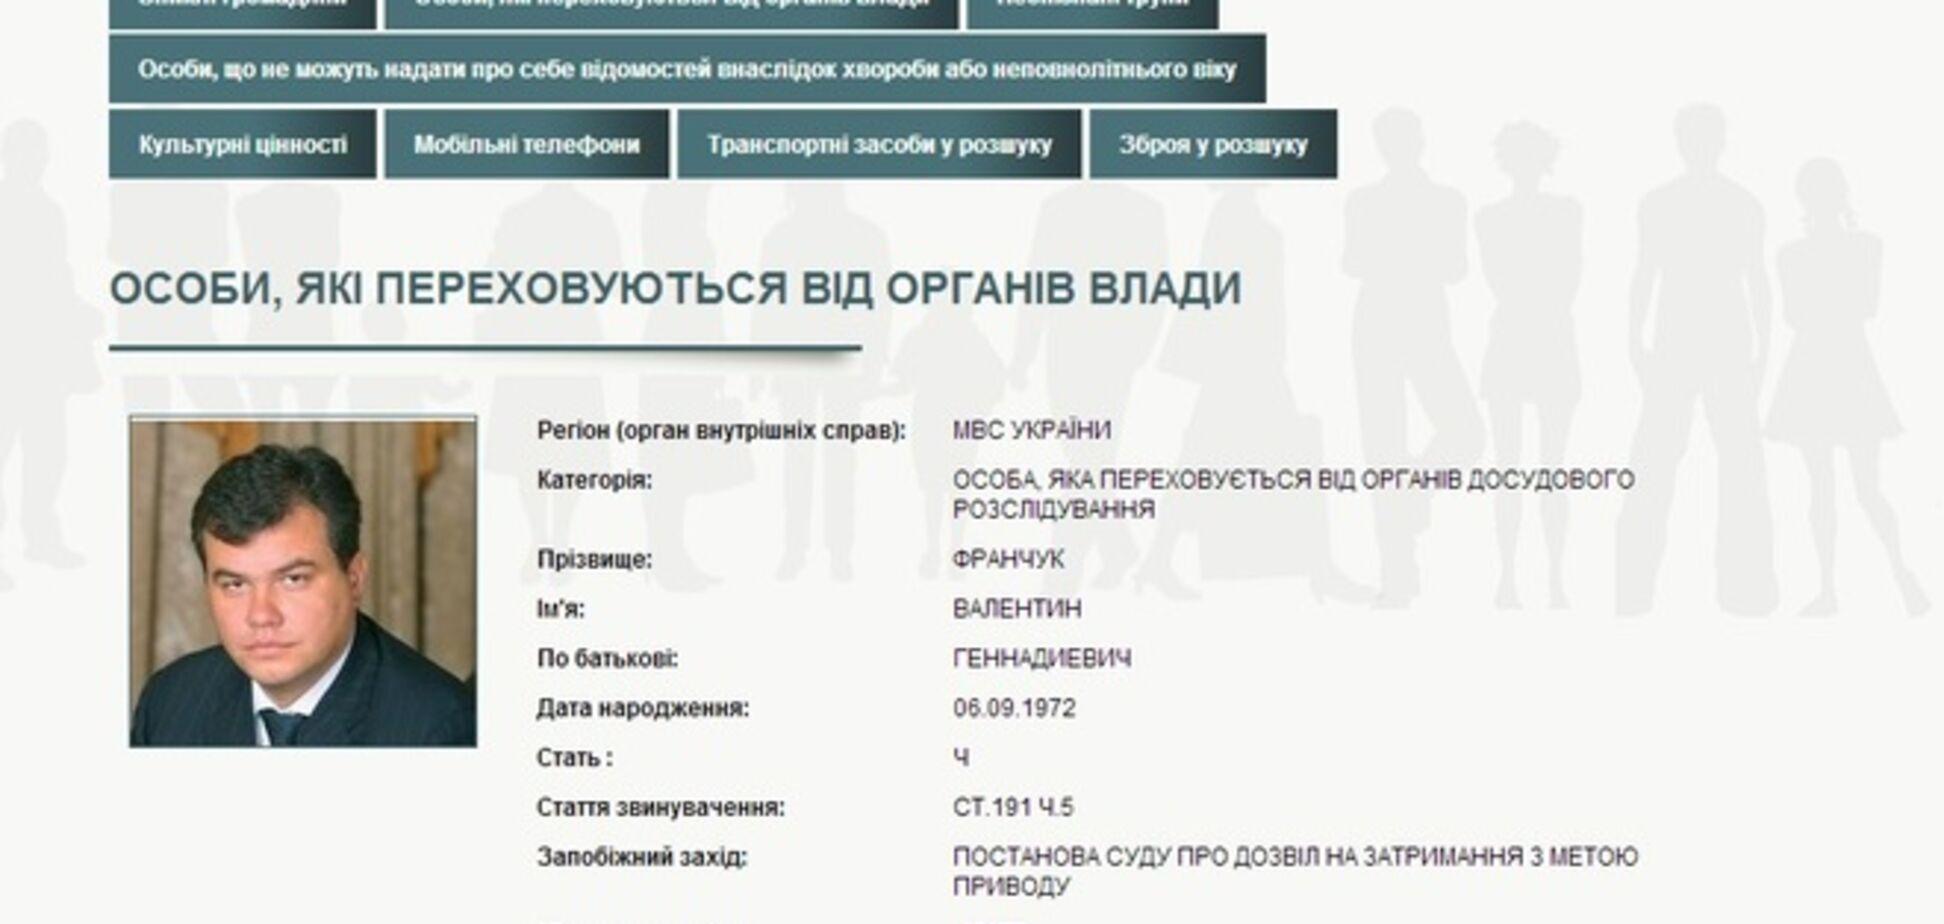 Екс-заступник голови 'Нафтогазу' оголошено в розшук